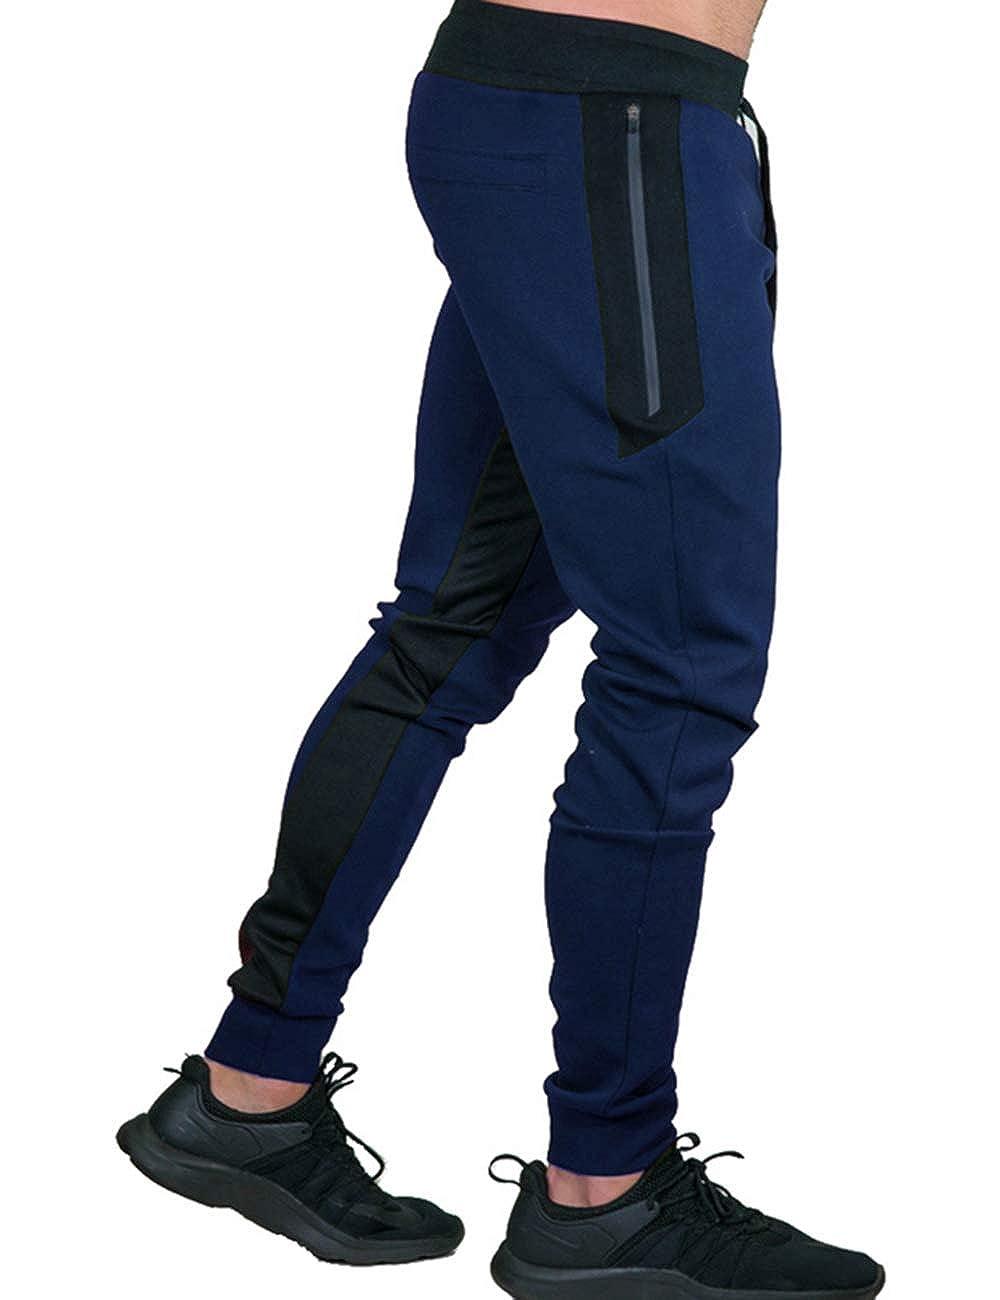 正規代理店 WOTHONPIS PANTS メンズ B07GN74SS4 B07GN74SS4 ブルー メンズ 32 32, 新津市:a19efdb6 --- mcrisartesanato.com.br